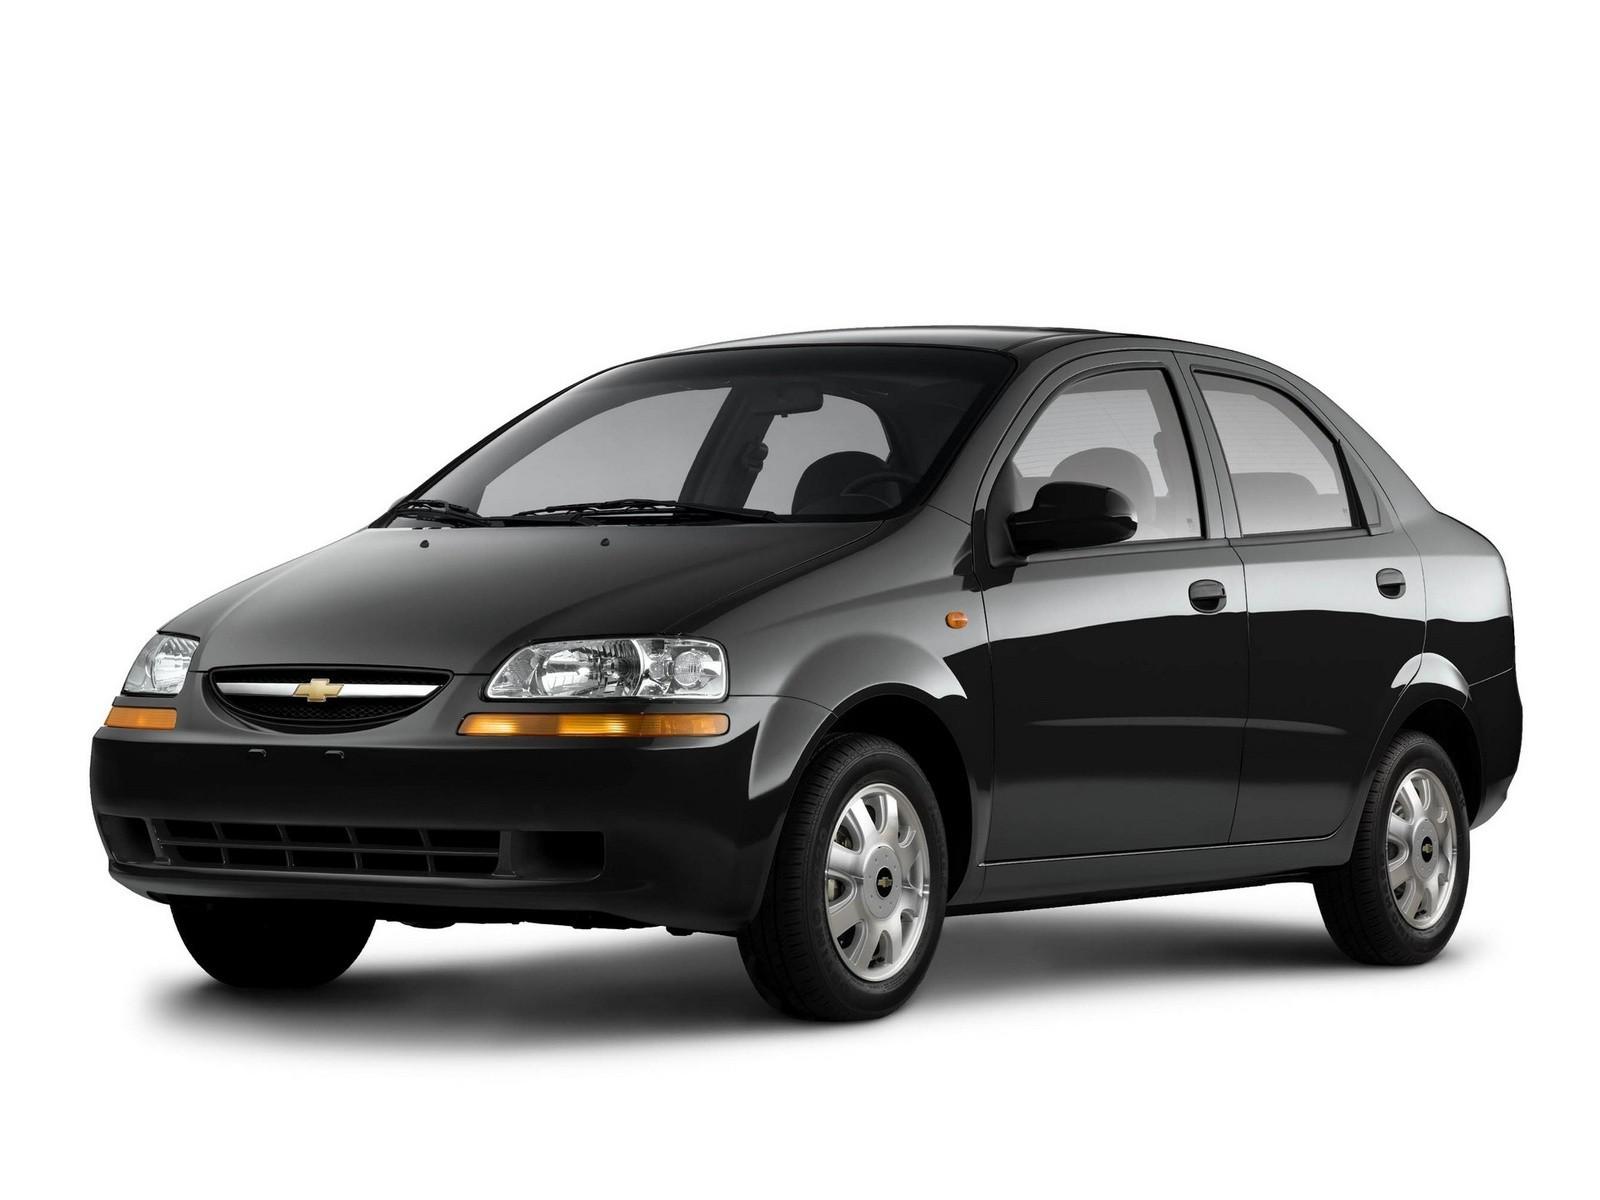 CHEVROLET Aveo/Kalos Sedan - 2004, 2005, 2006 - autoevolution